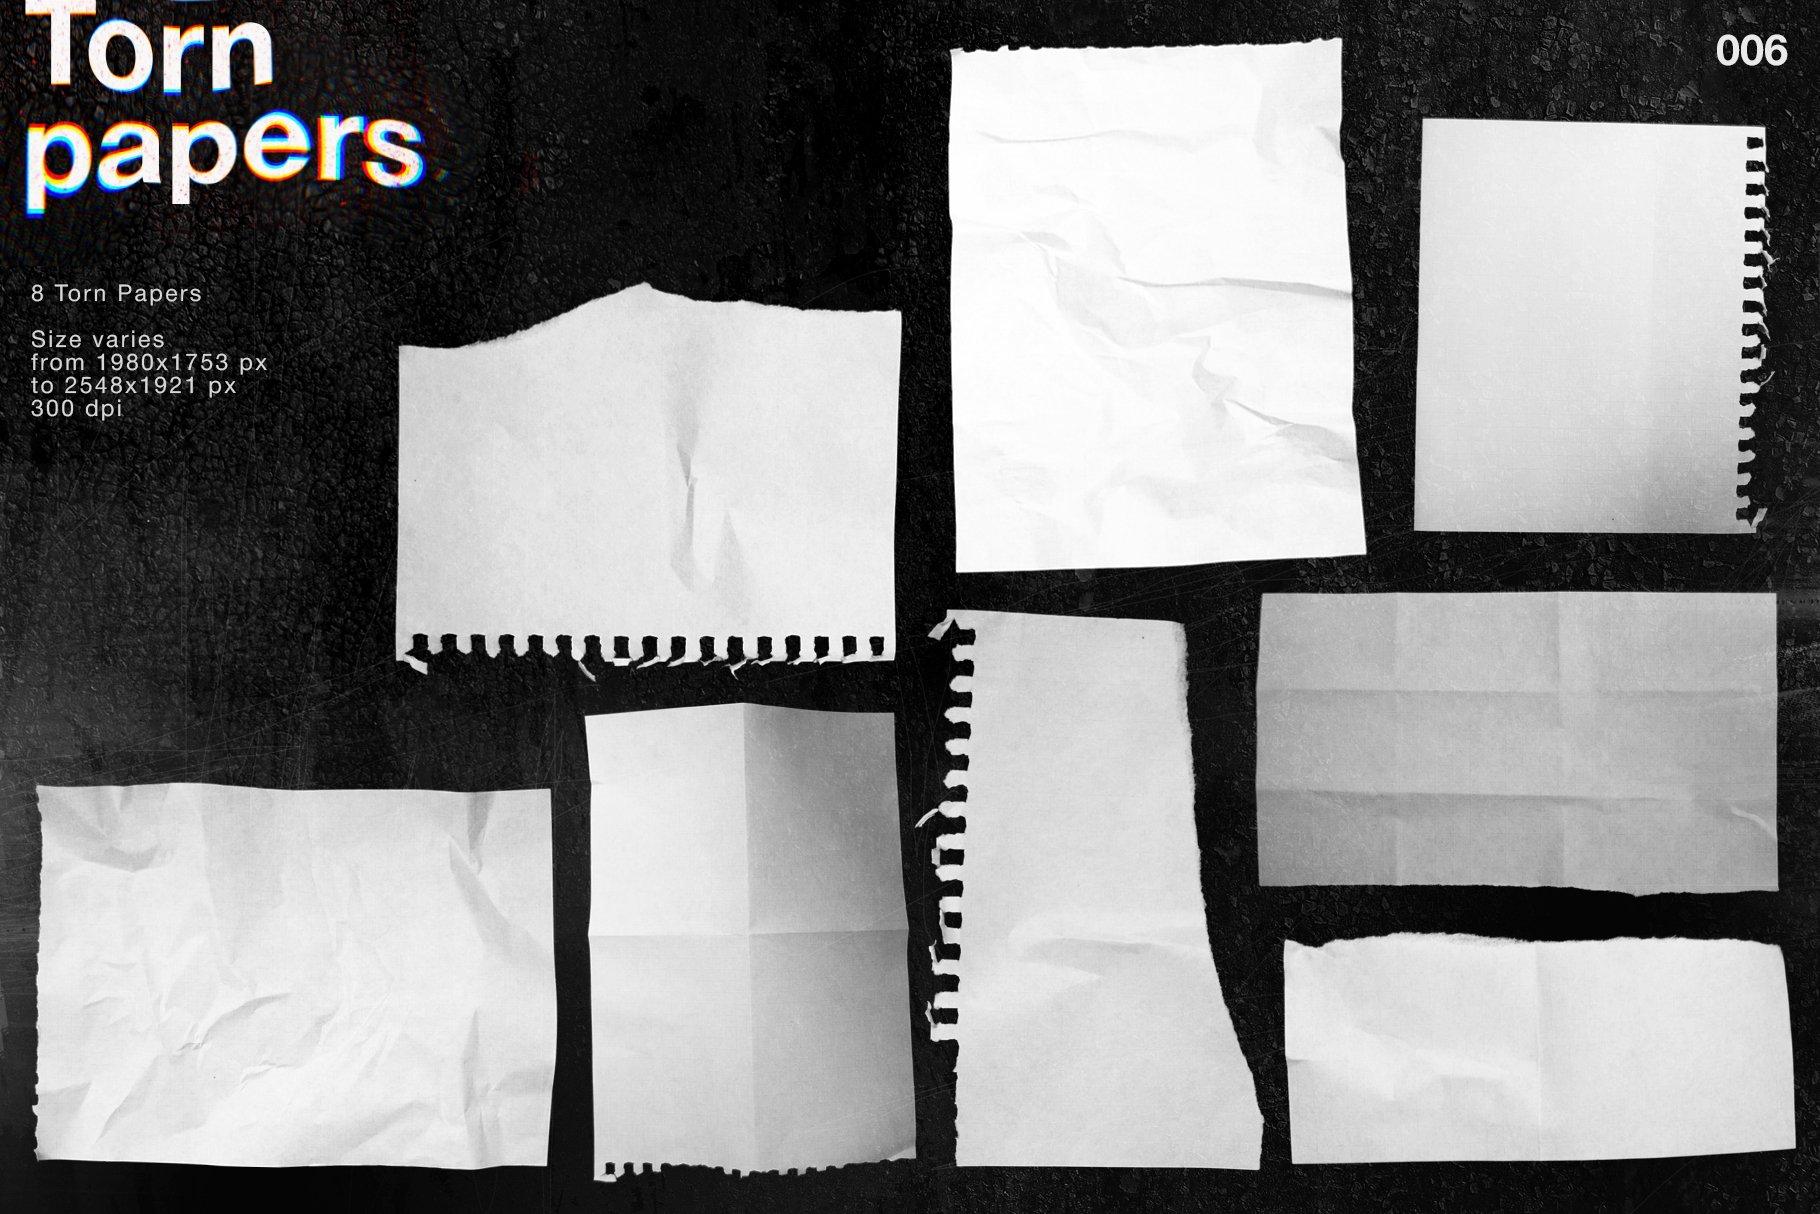 [淘宝购买] 潮流抽象故障扭曲网格塑料薄膜海报设计背景纹理素材 Grunge&Glitch – Toolkit 7in1插图(7)